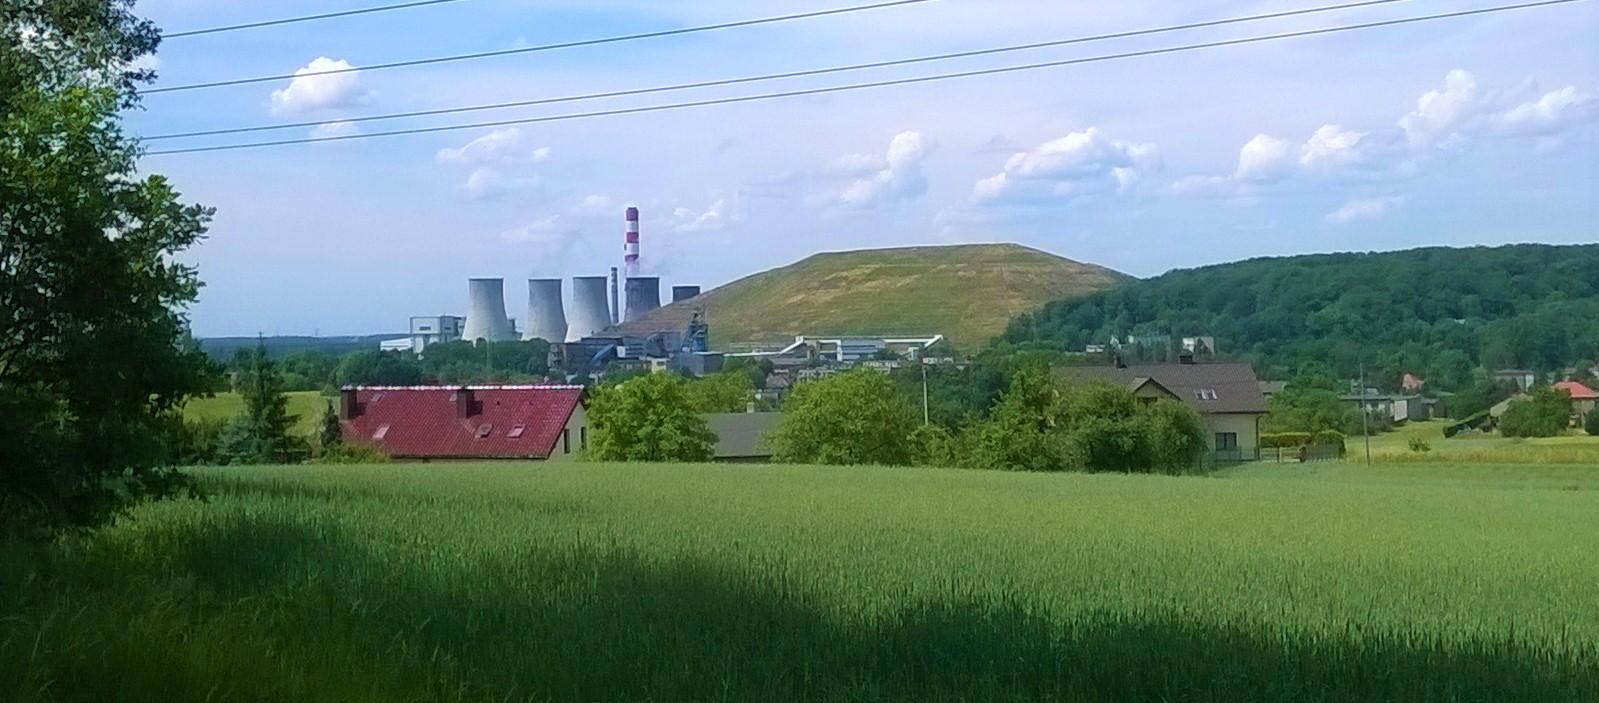 Elektrownia Łaziska wraz z kopalnią Bolesław Śmiały i górującą nad nią hałdą Skalny. fot. Tomasz Elżbieciak